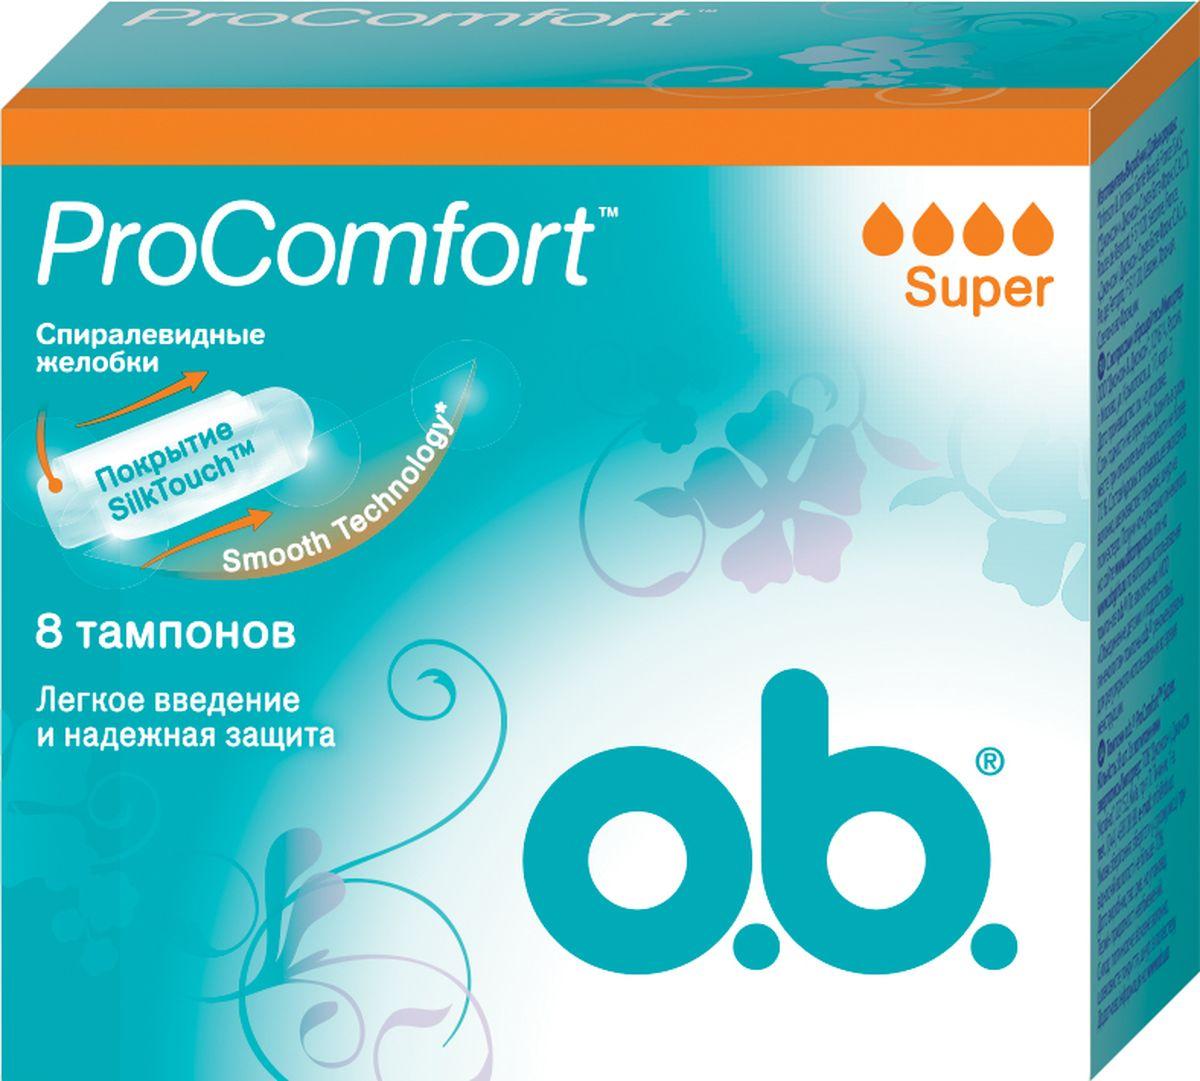 O.B. Тампоны ProComfort Super, 8 шт10044818Тампоны O.B. ProComfort Super с уникальным шелковистым покрытием SilkTouch предназначены для надежной защиты и большего комфорта. Тампоны обеспечивают легкое введение и извлечение благодаря уникальному покрытию SilkTouch;Технология спиралевидных желобков FluidLock для более эффективного направления жидкости внутрь тампона;Новая технология Smooth Technology для еще более гладкой поверхности тампона. Подходят для средних или интенсивных выделений.Товар сертифицирован.